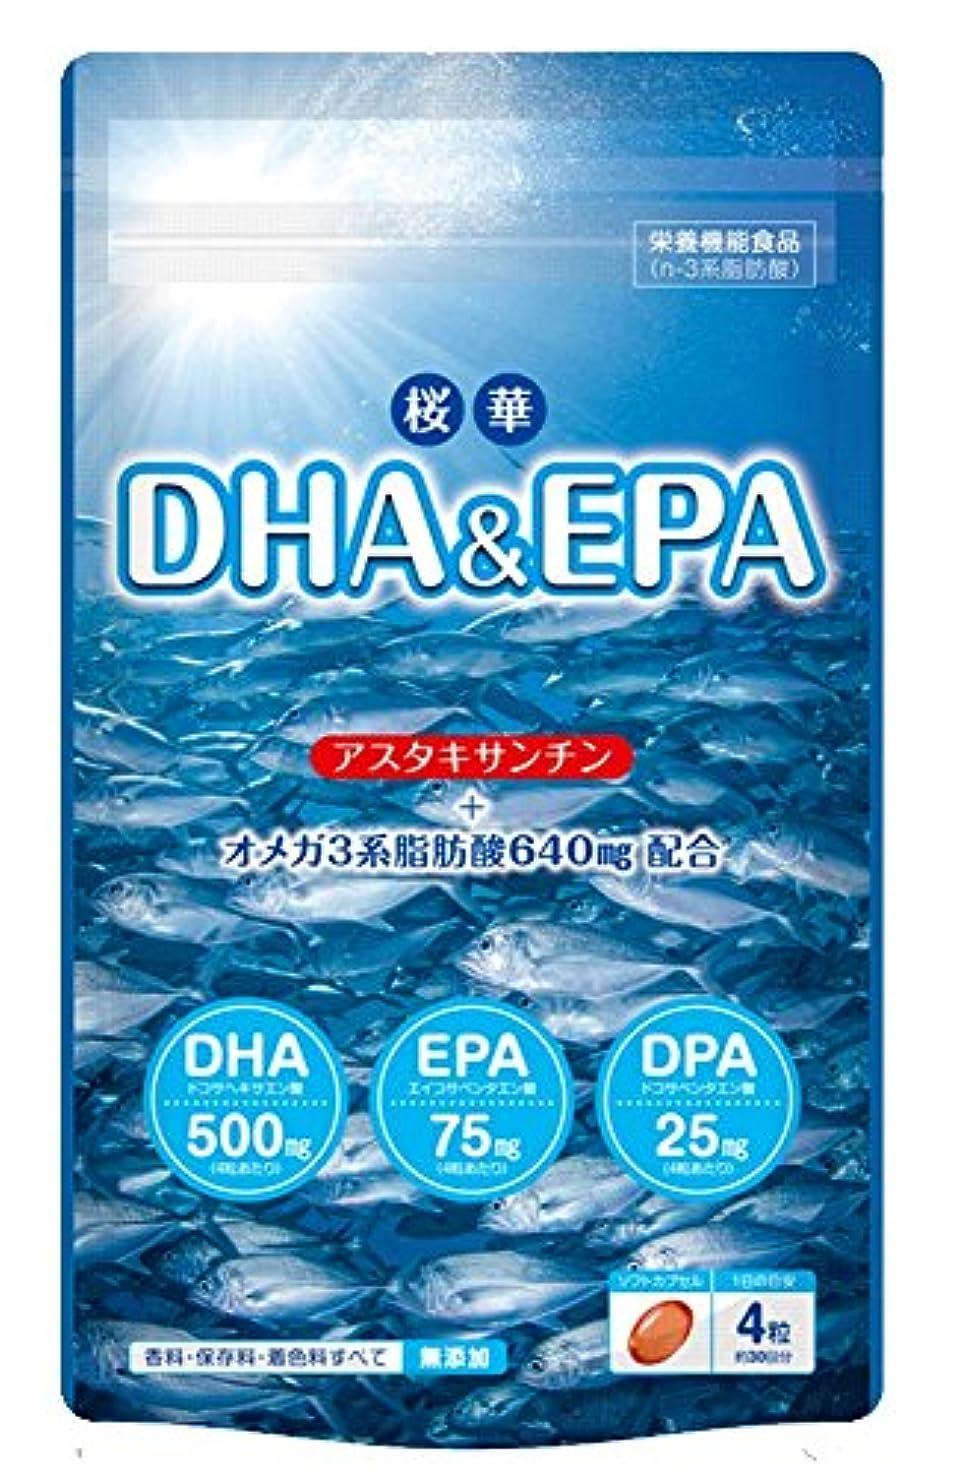 上昇経済彫刻家DHA&EPA(栄養機能食品)オメガ3系脂肪酸640mg配合+アスタキサンチン 香料?保存料?着色料すべて無添加 (120粒入り)送料無料